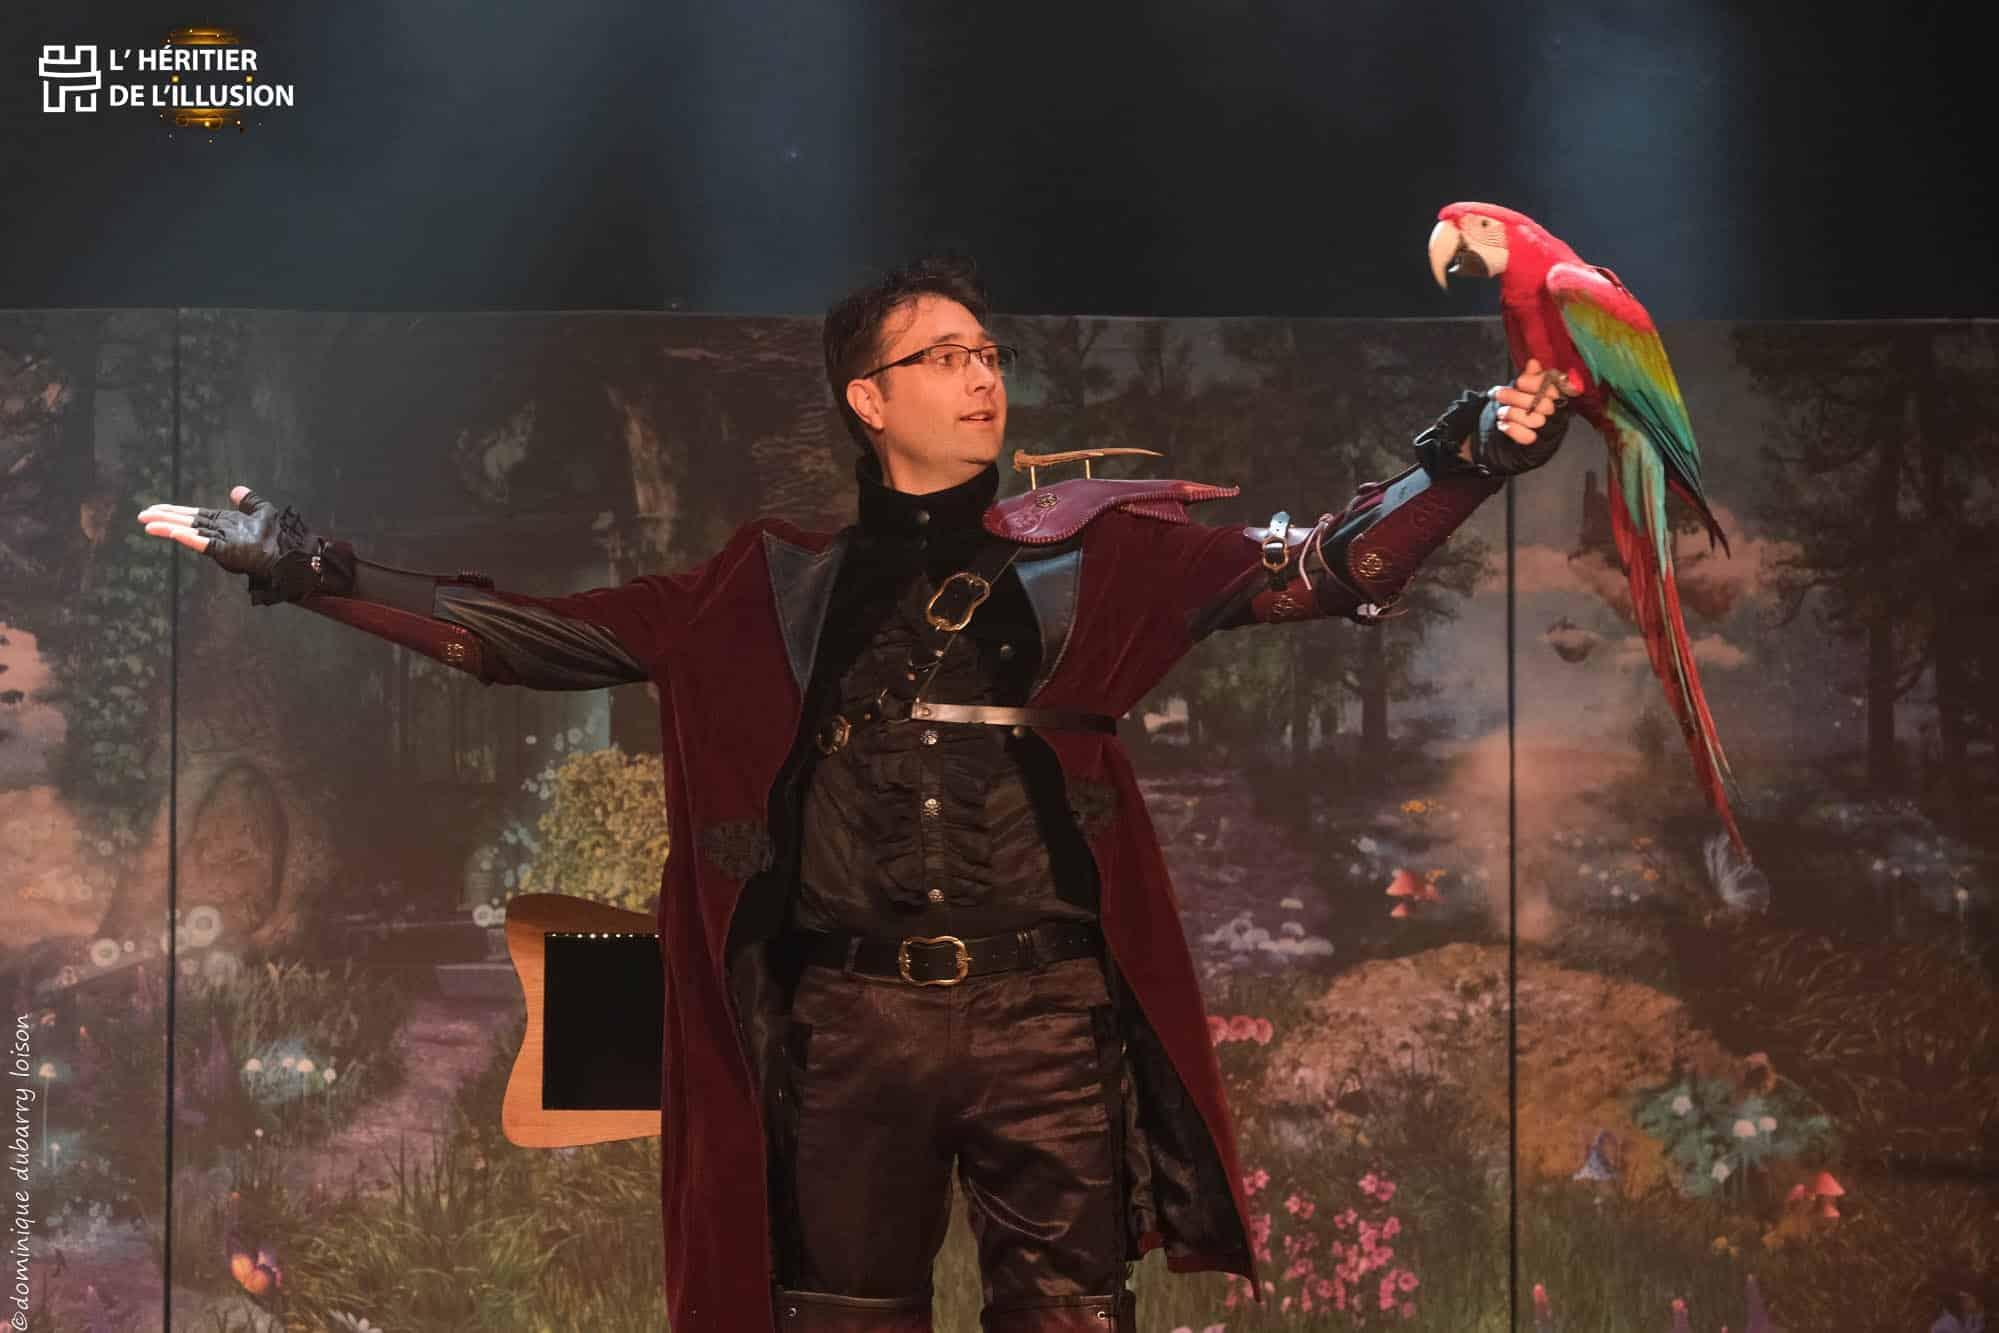 Lionel lemetayer festival de magie paris